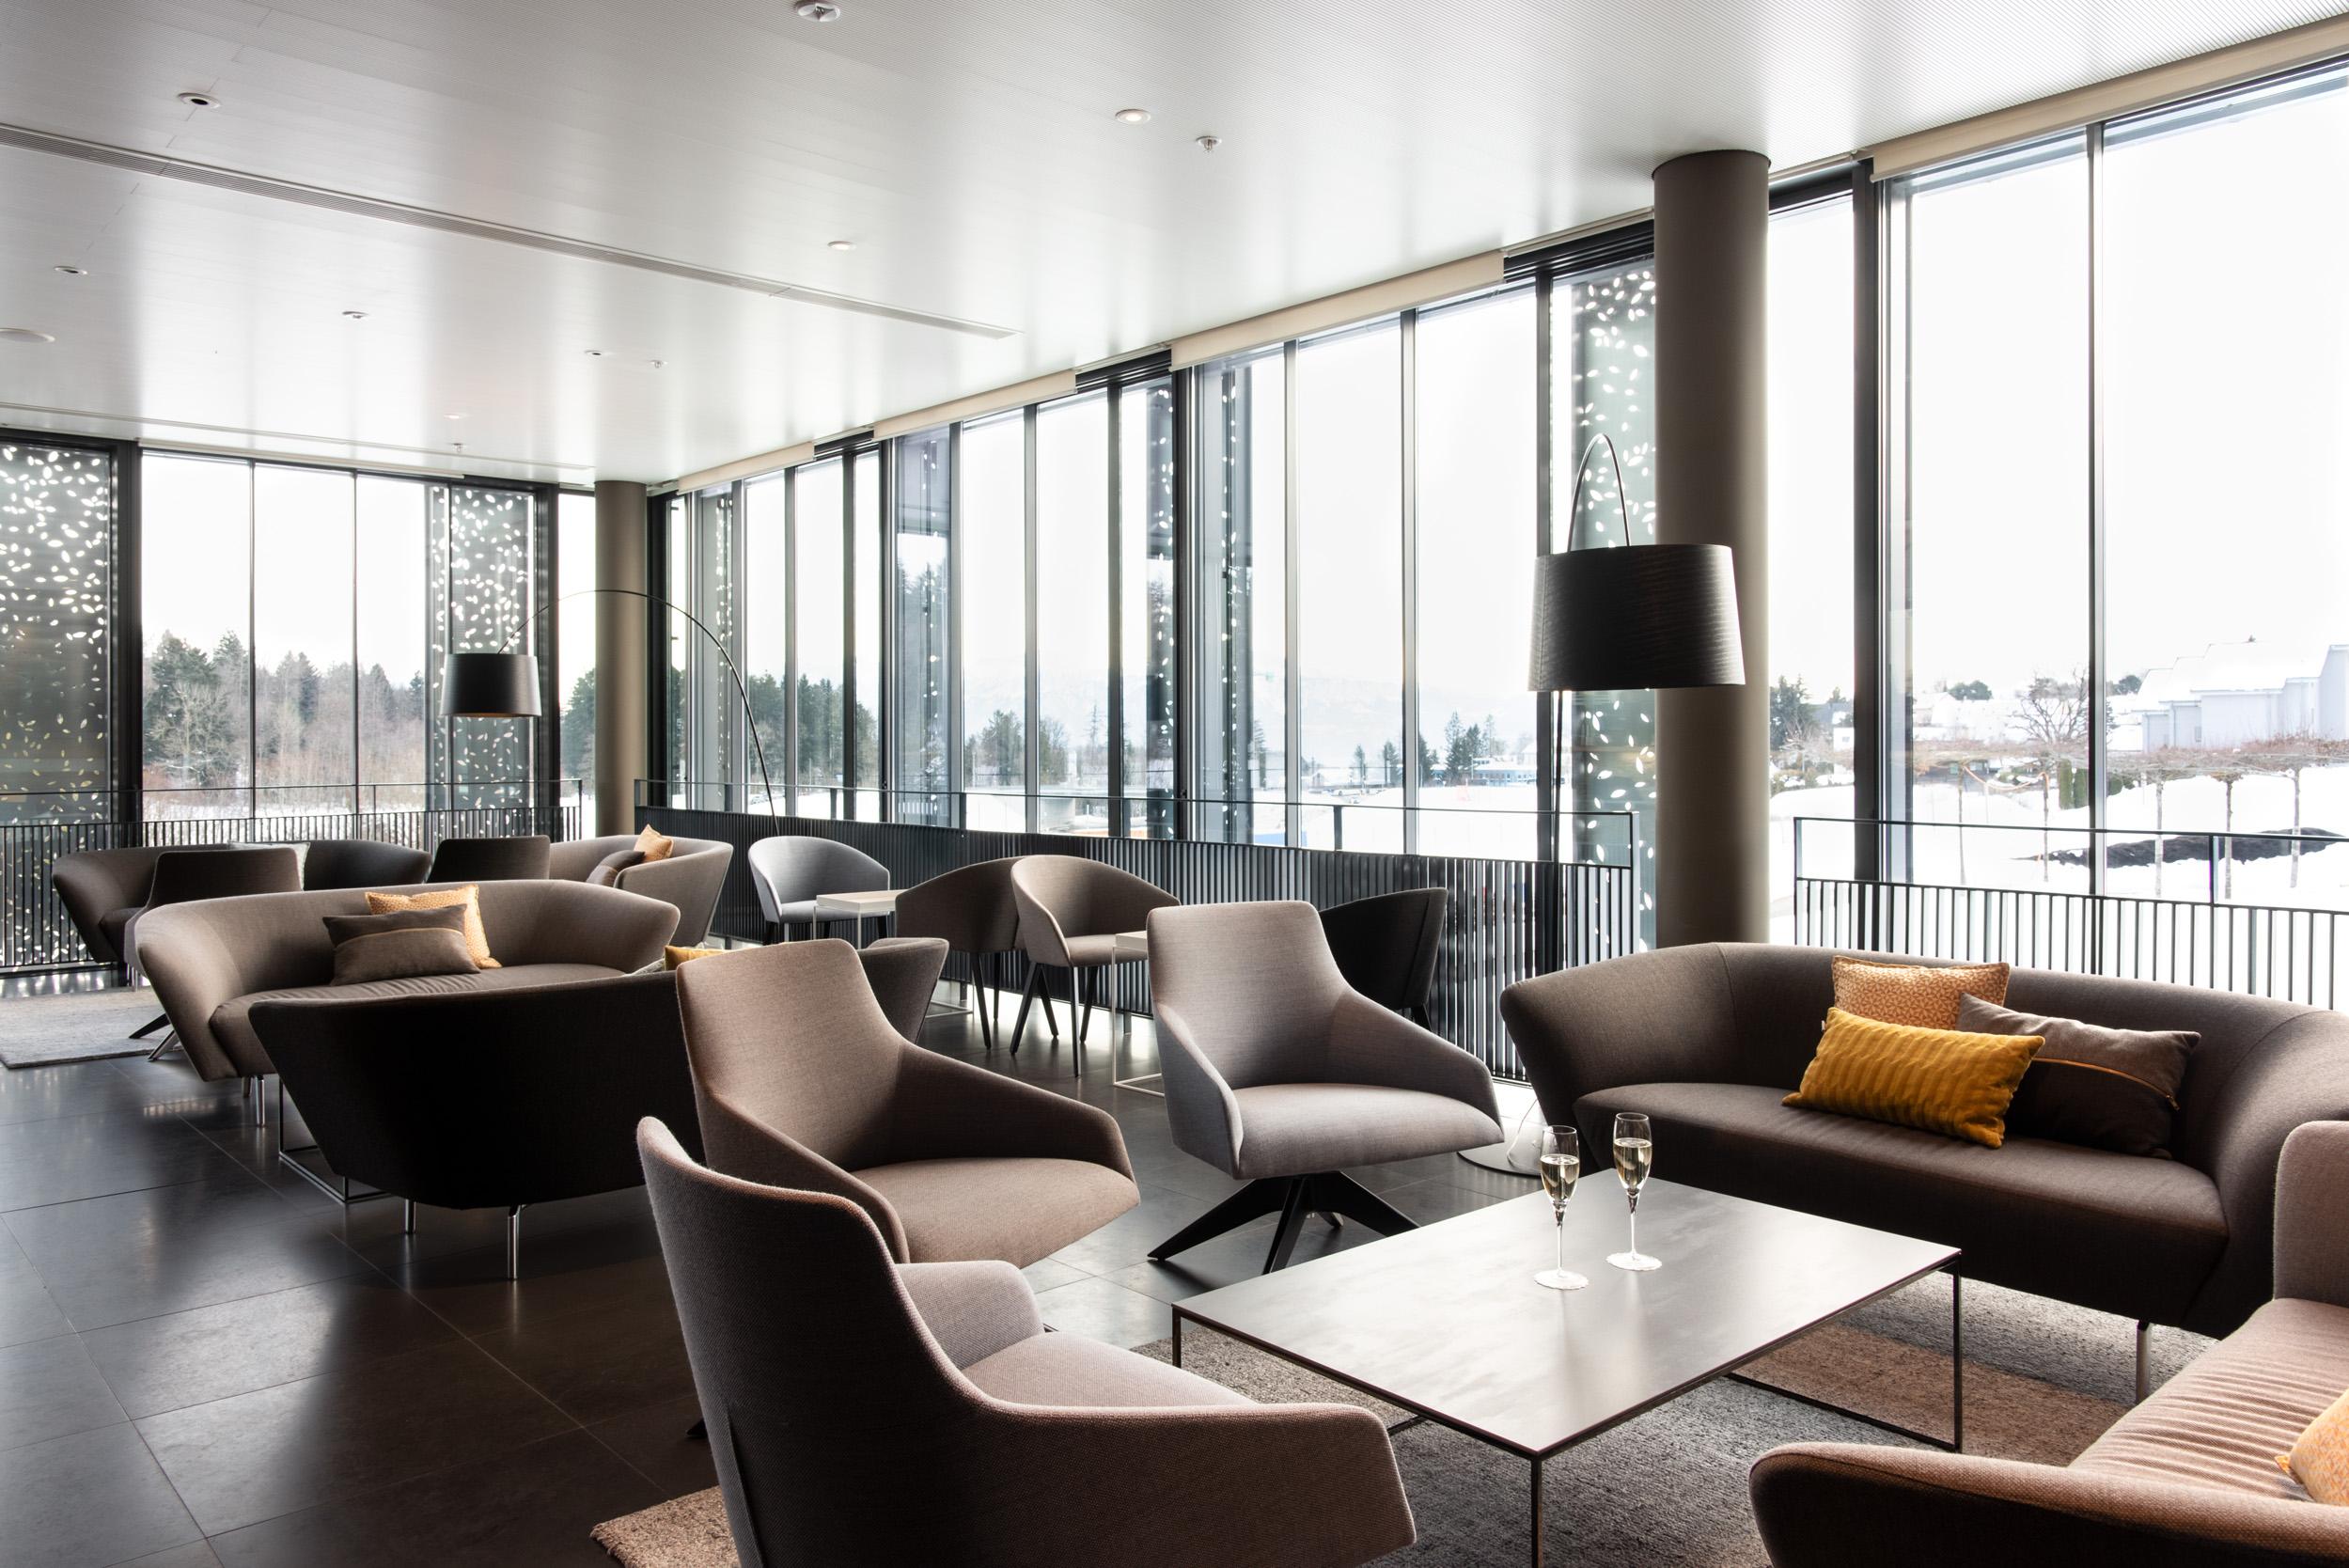 Berceau des Sens, Ecole Hoteliere Lausanne, restaurant